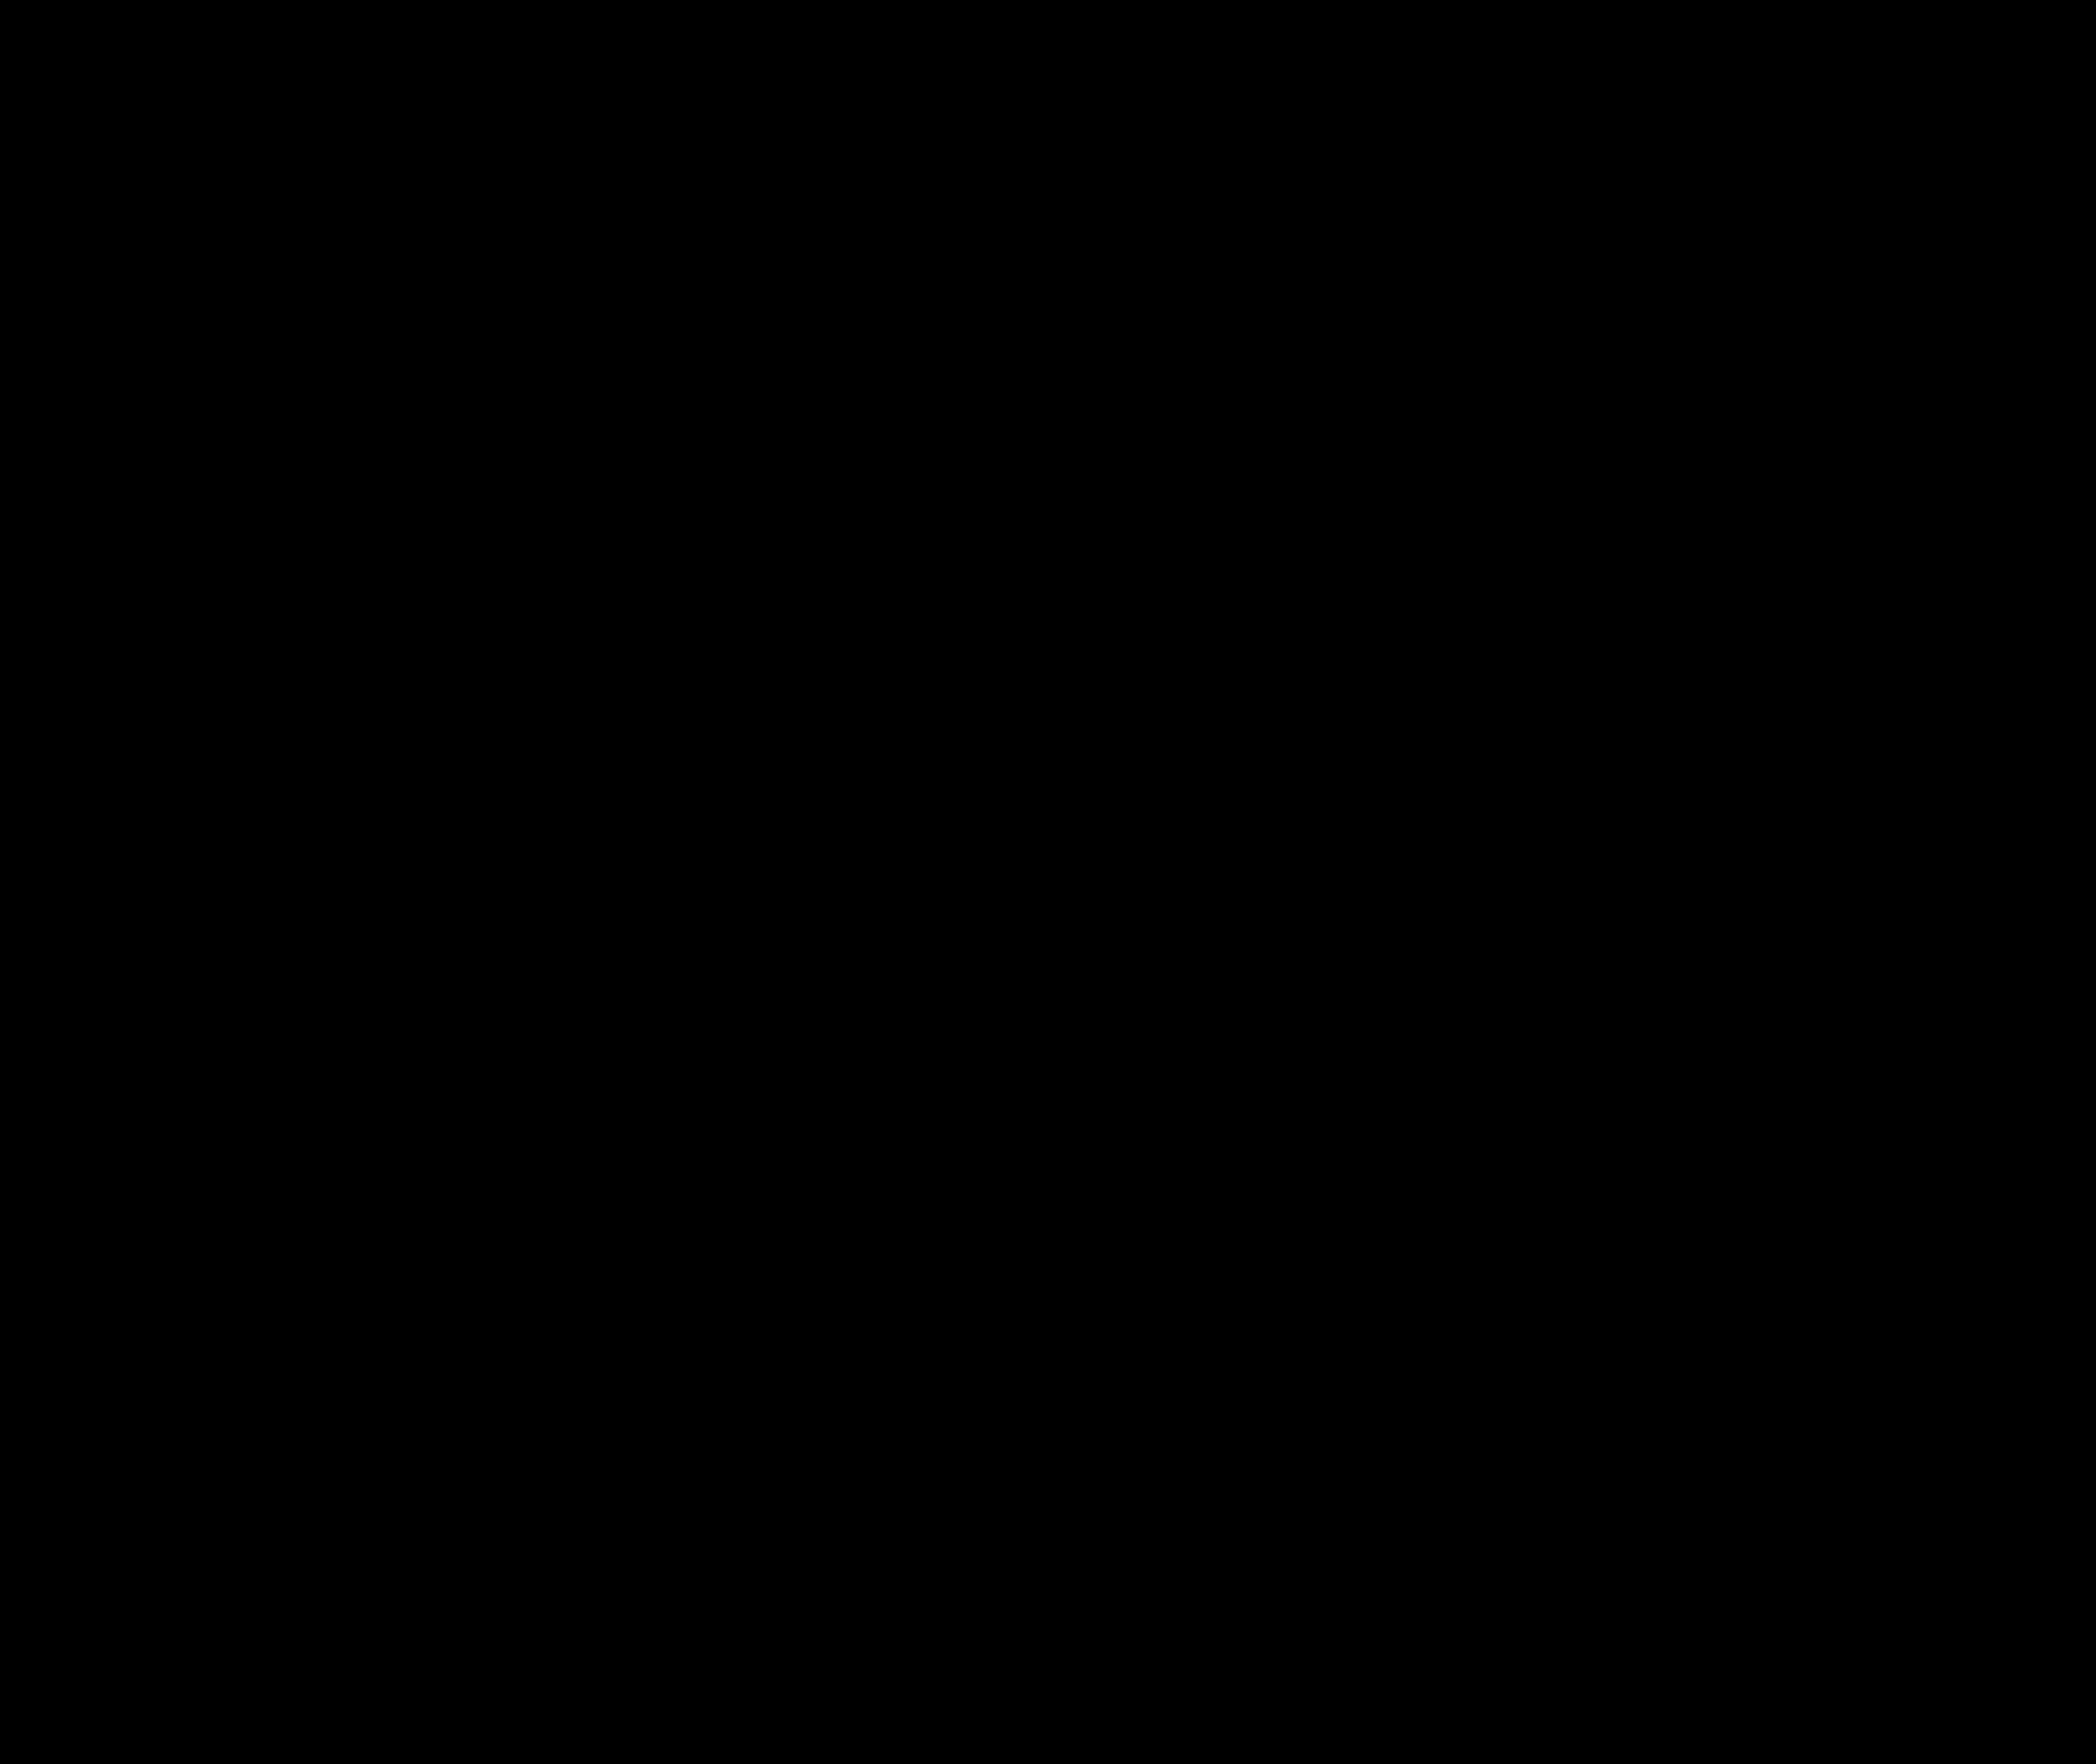 WPJ531